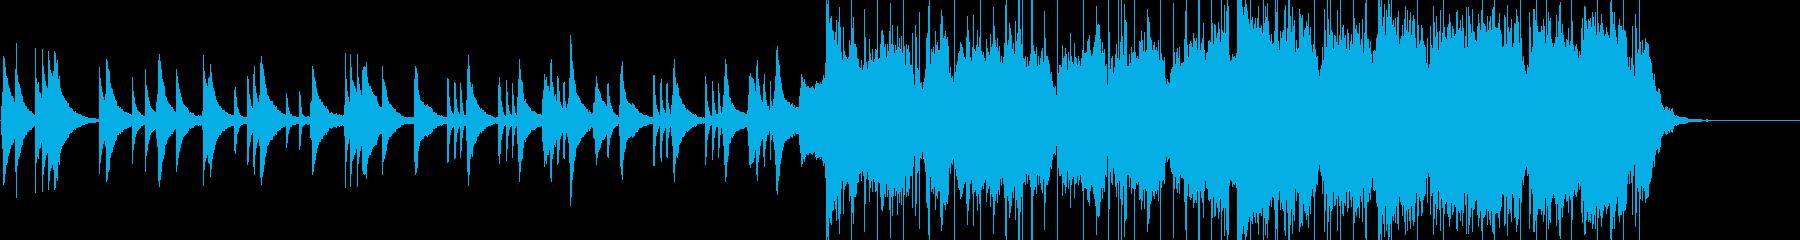 切ないRPGテーマ曲風の再生済みの波形